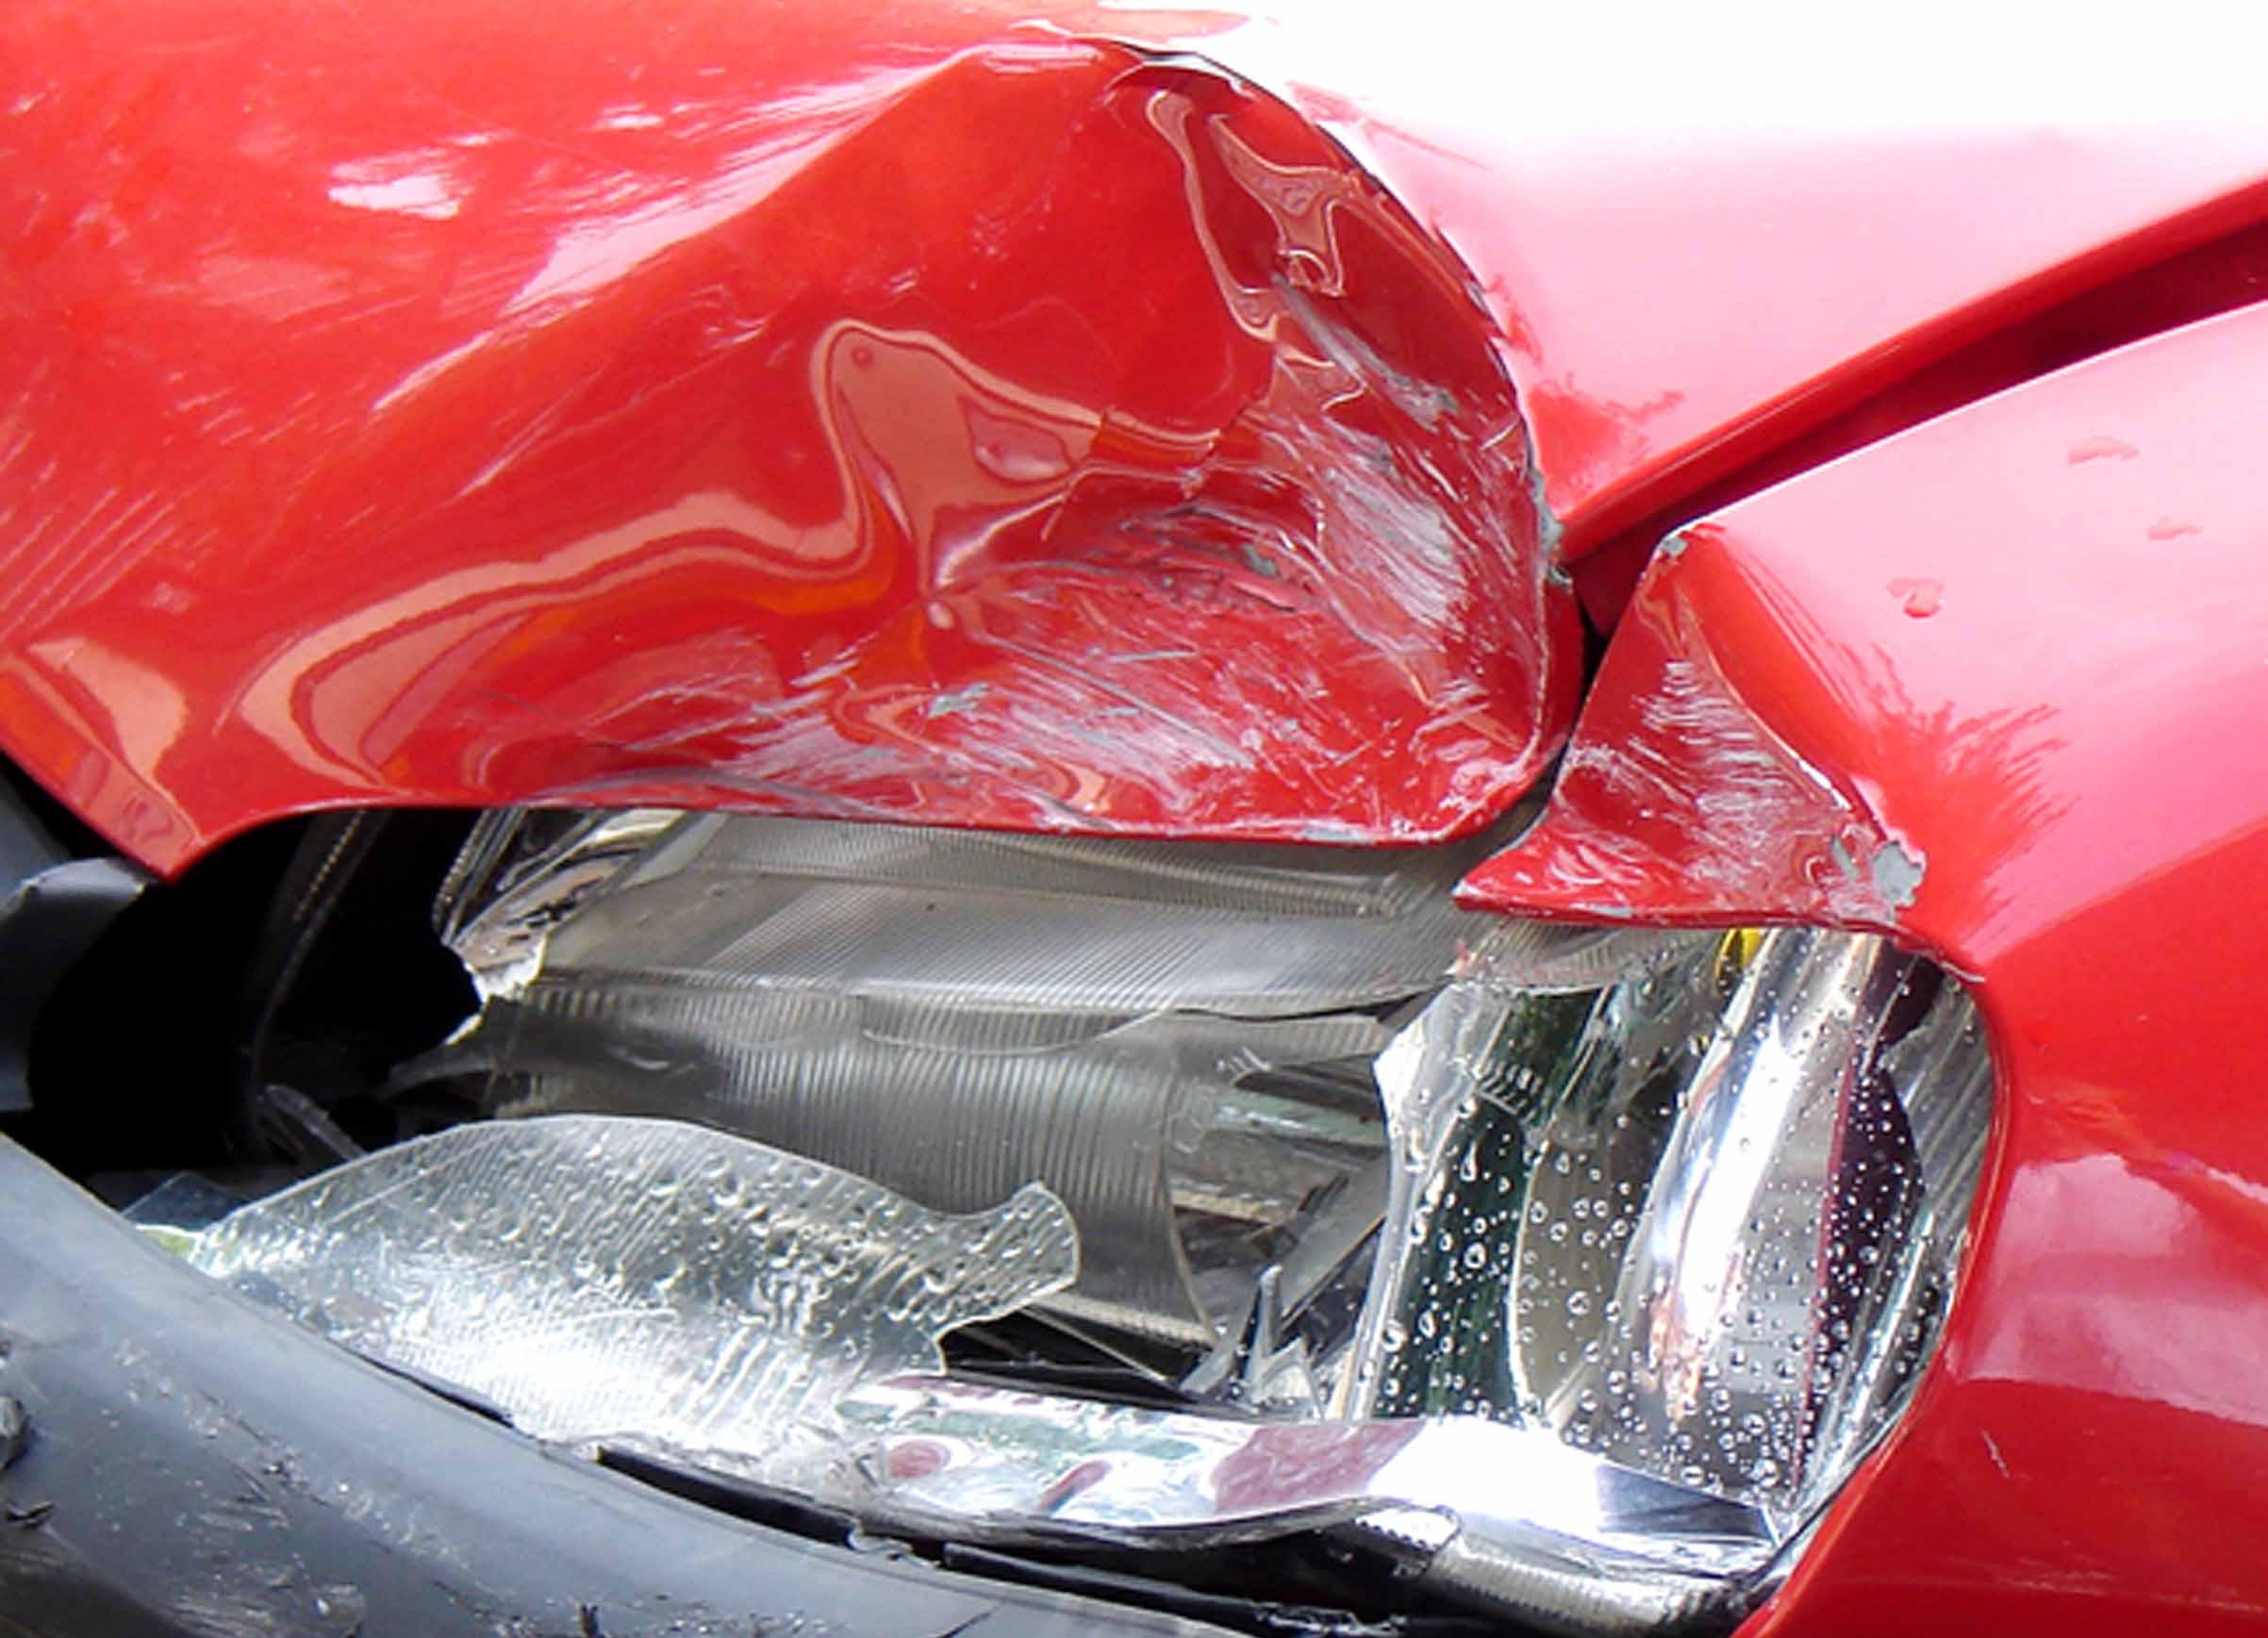 Punya Rencana Klaim Asuransi Mobil? Baca Ini Dulu